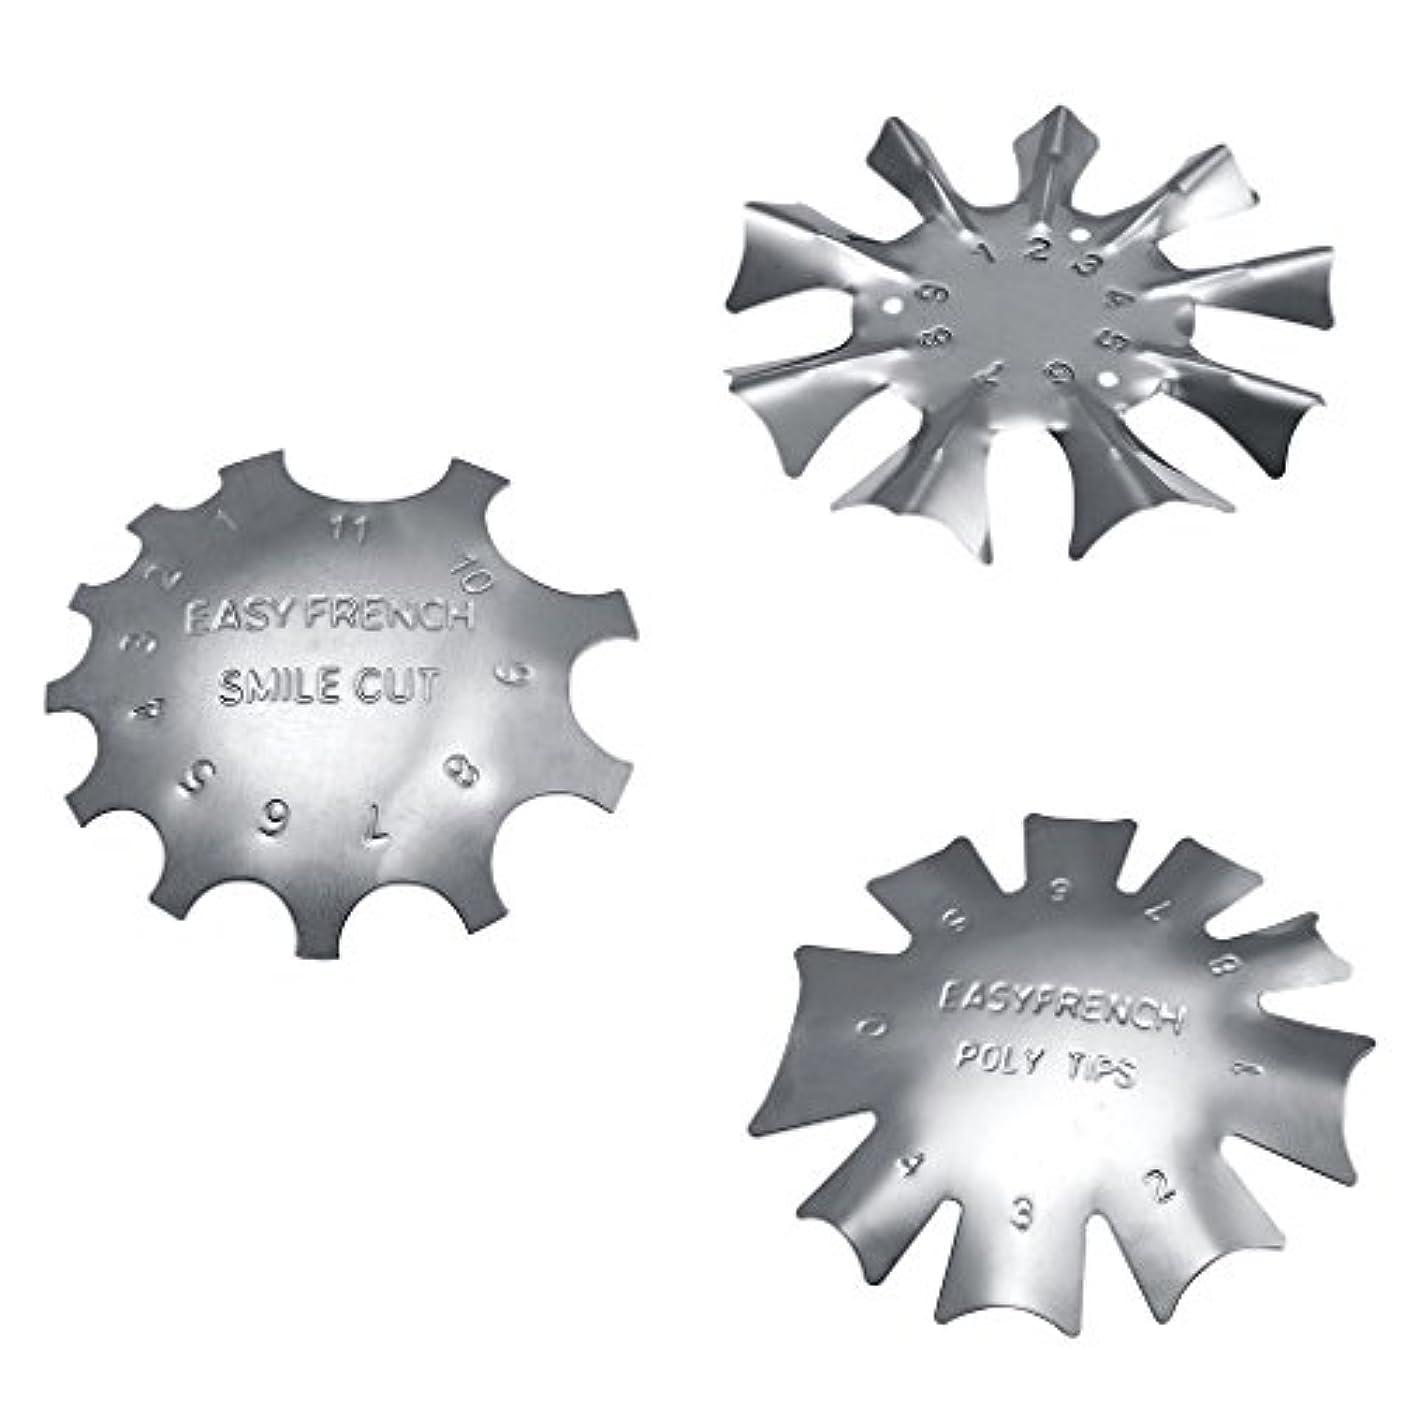 いつも母複製Perfk フランス風 ネイルガイドツール 3タイプセット ネイルアート カットライントリマー 金属 ネイルテンプレート